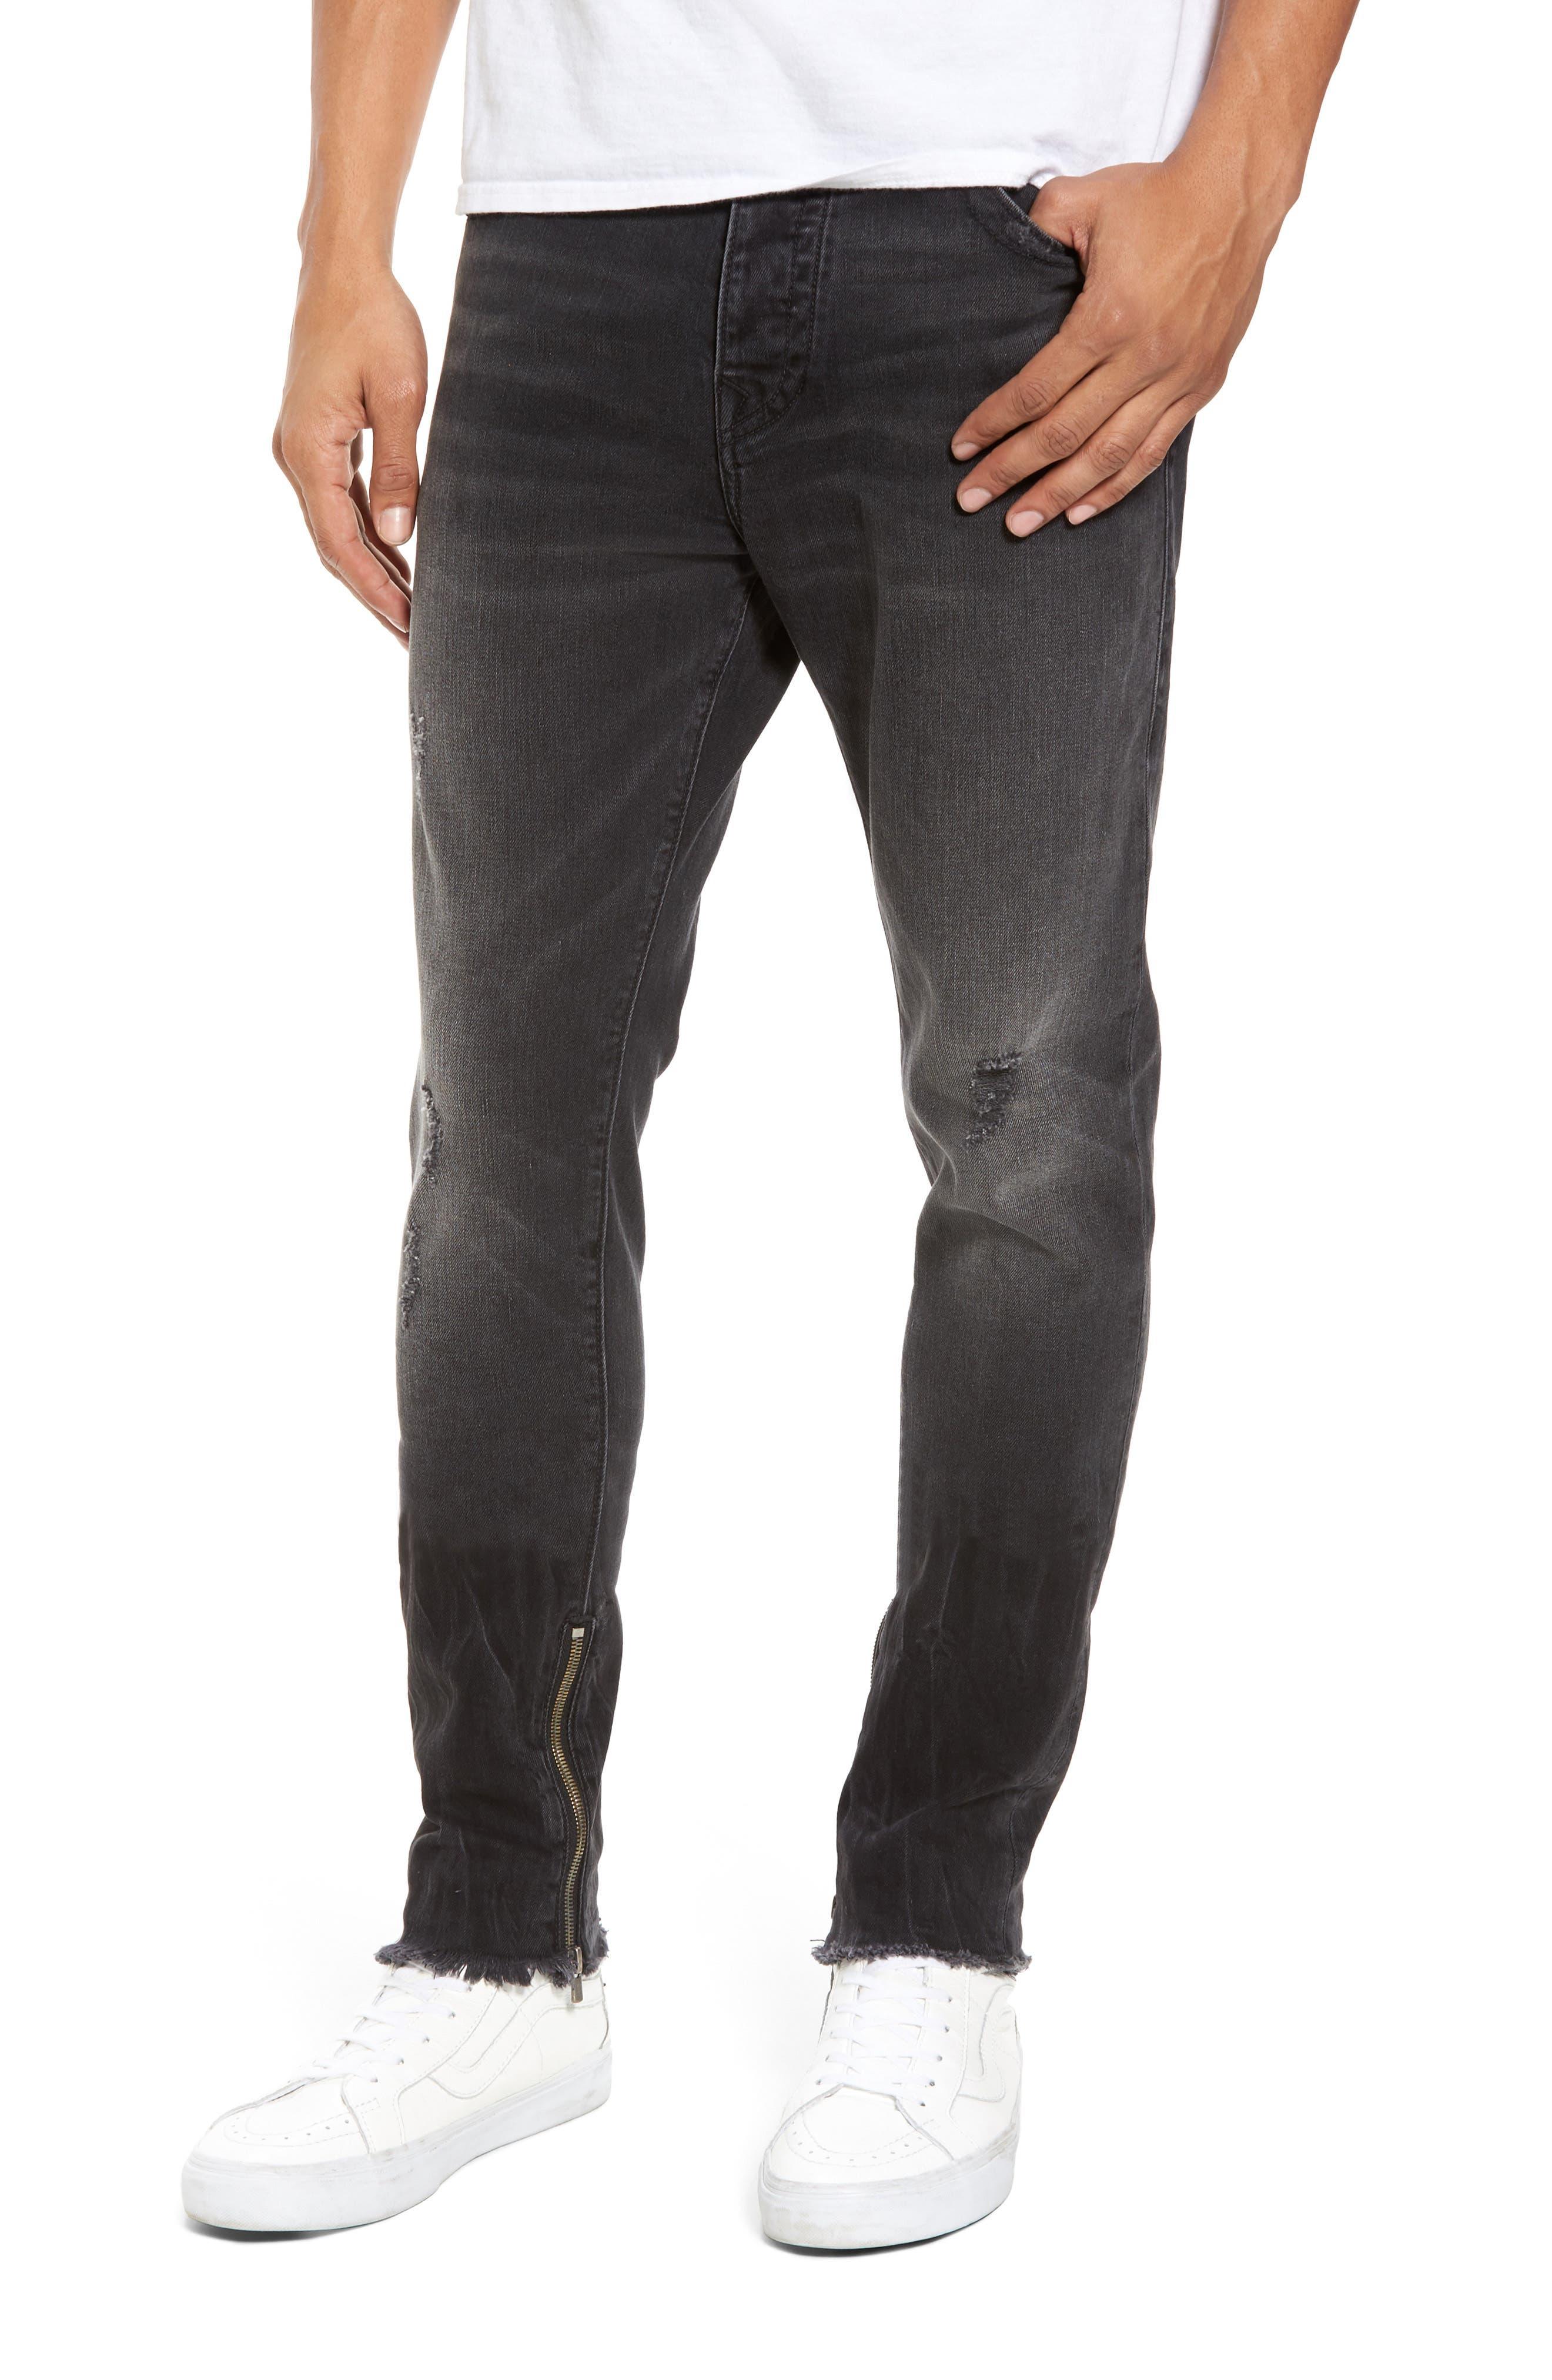 Alternate Image 1 Selected - True Religion Brand Jeans Finn Frayed Skinny Fit Jeans (Dark Envy)